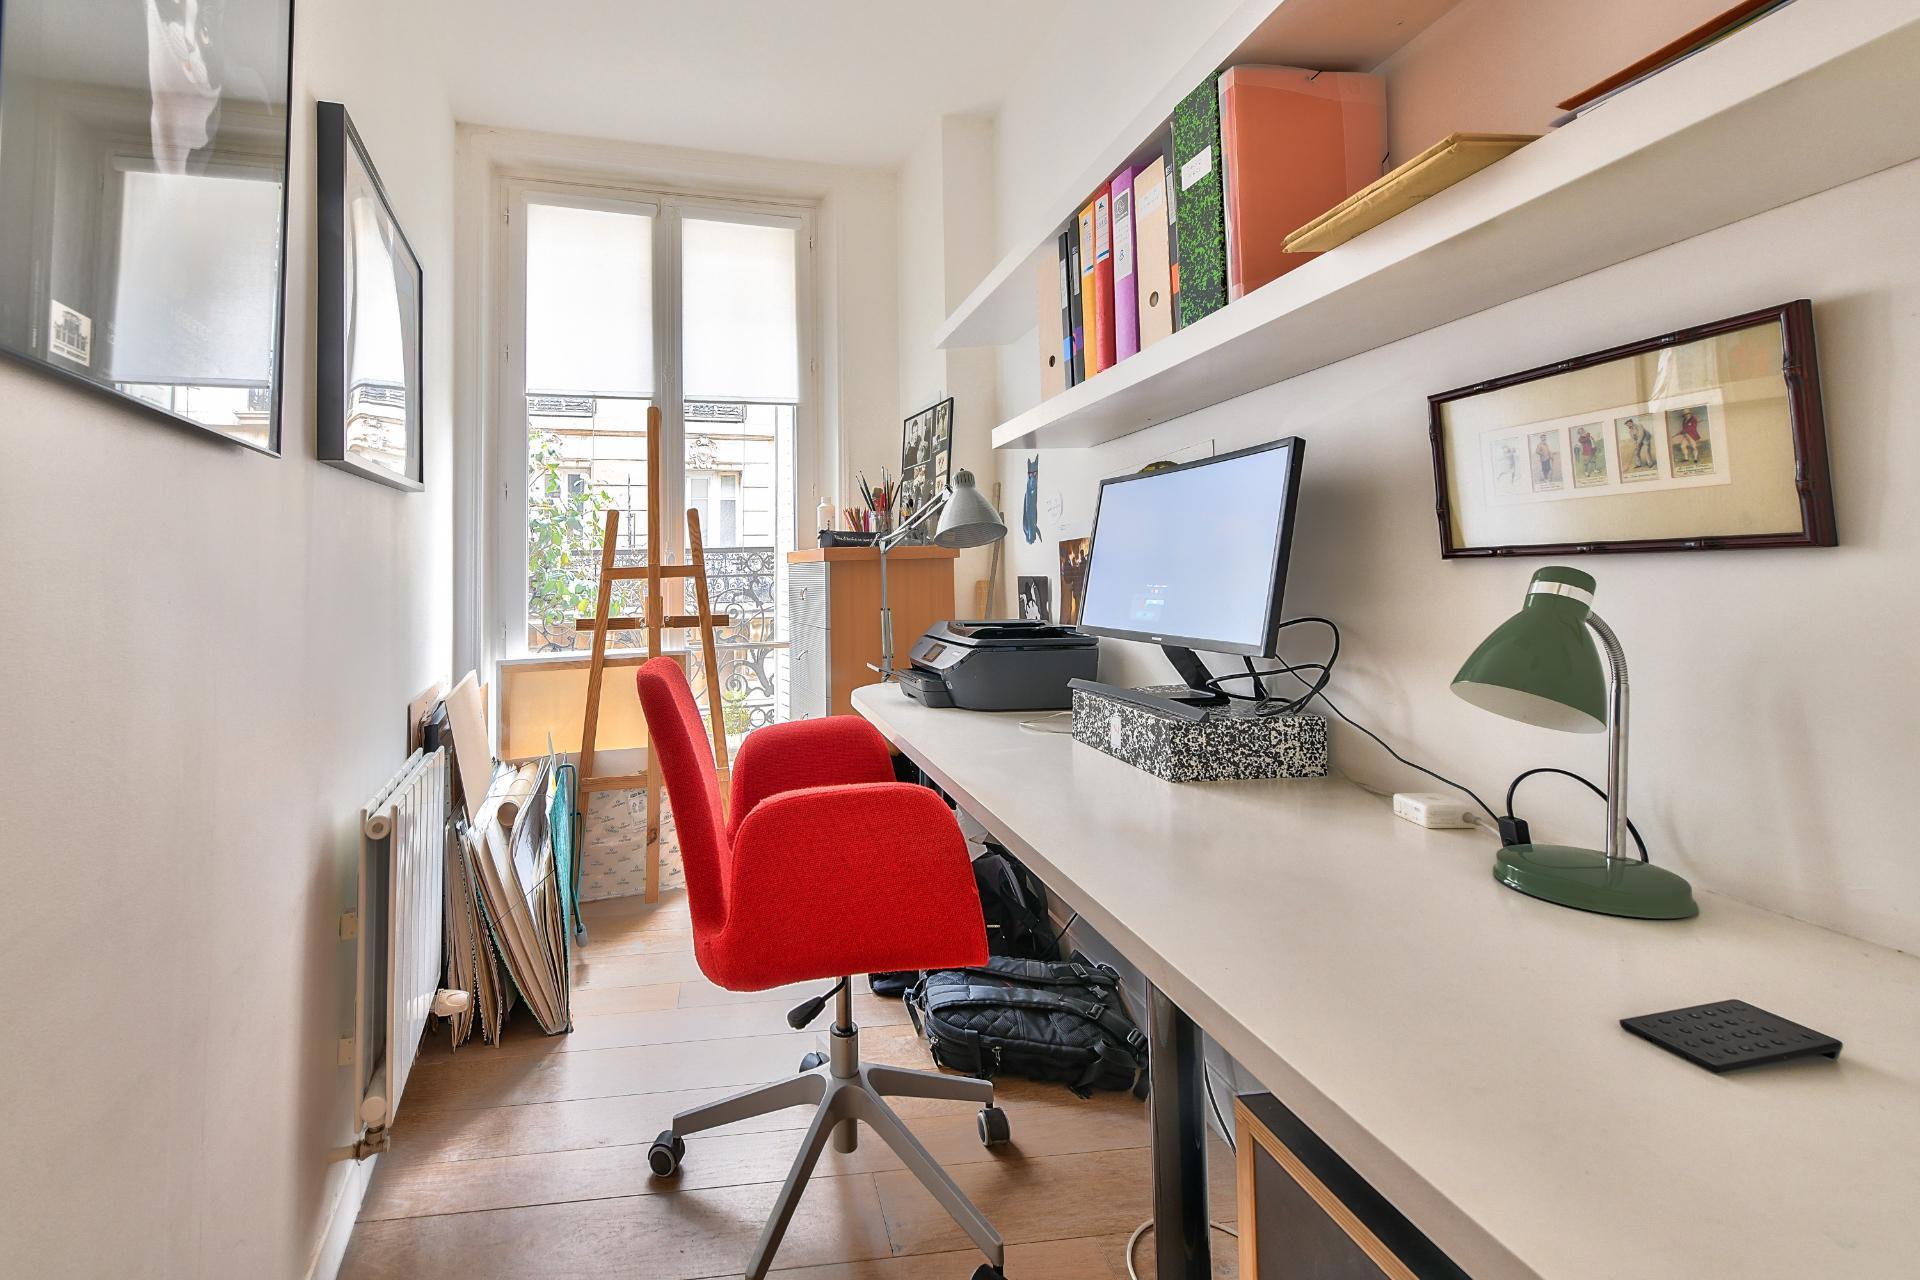 Appartement 3 pièces de 77m2 – Secteur Damrémont – Paris XVIII 8